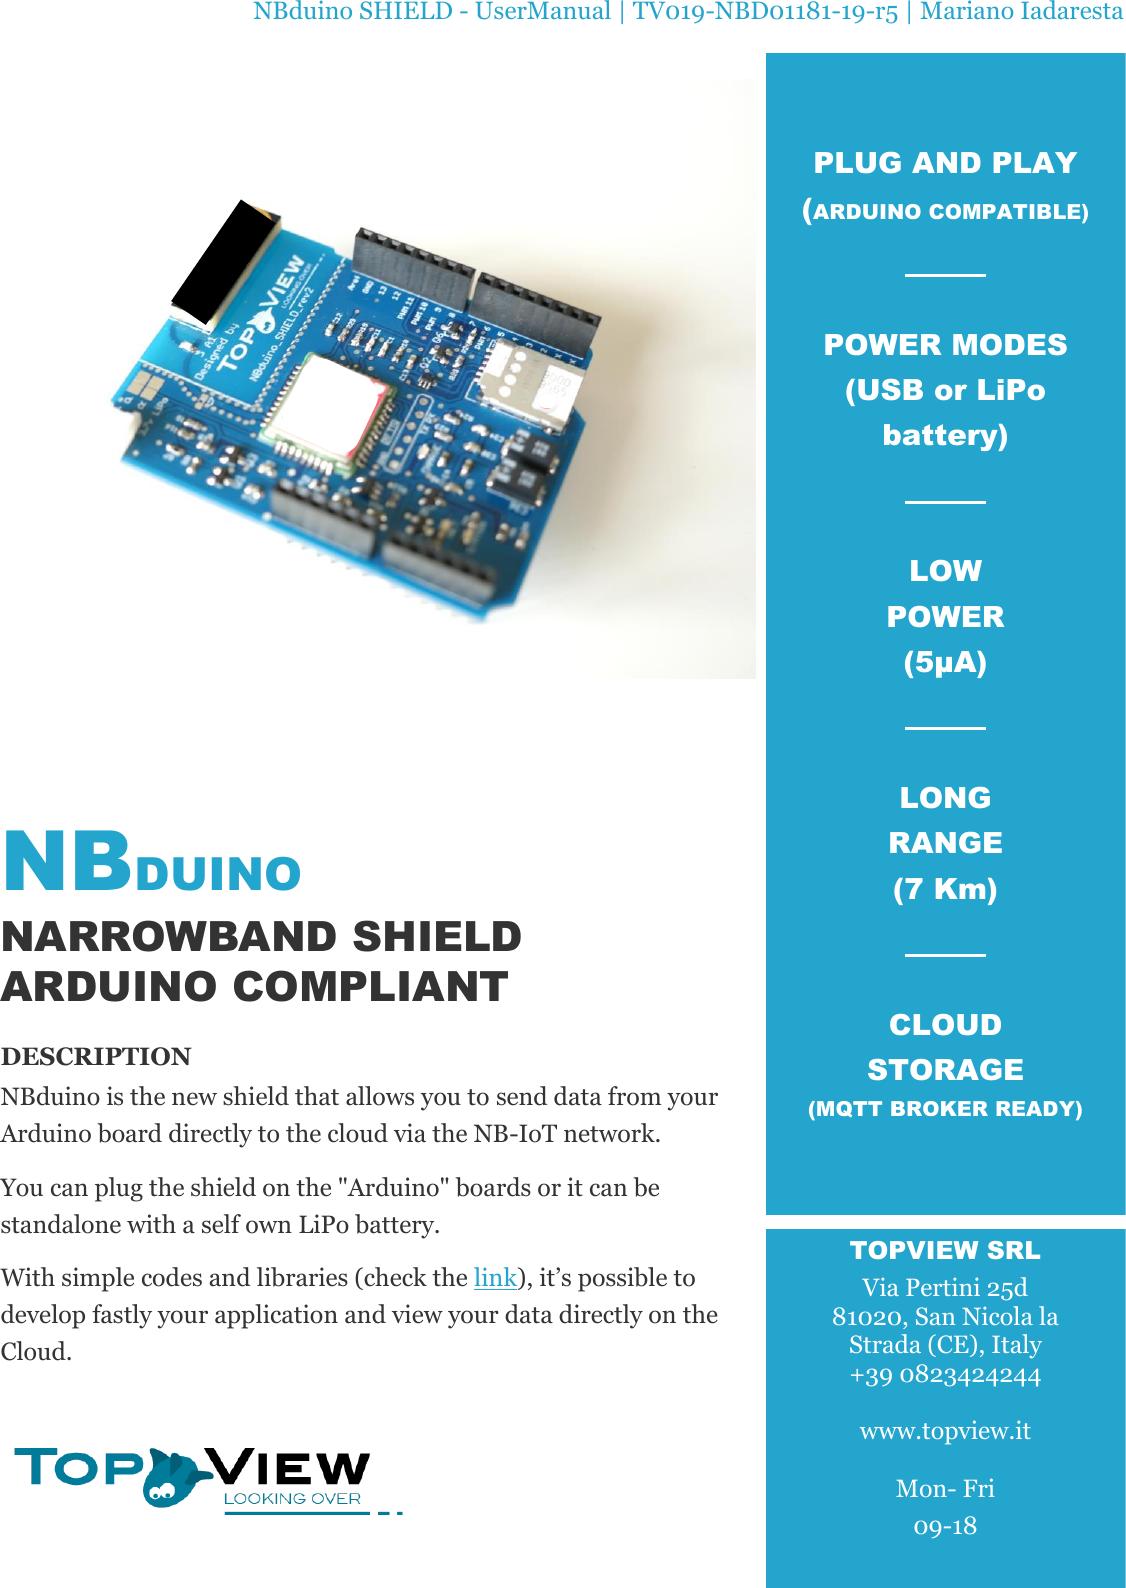 NBduino SHIELD UserManual | TV019 NBD01181 19 r5 User Manual